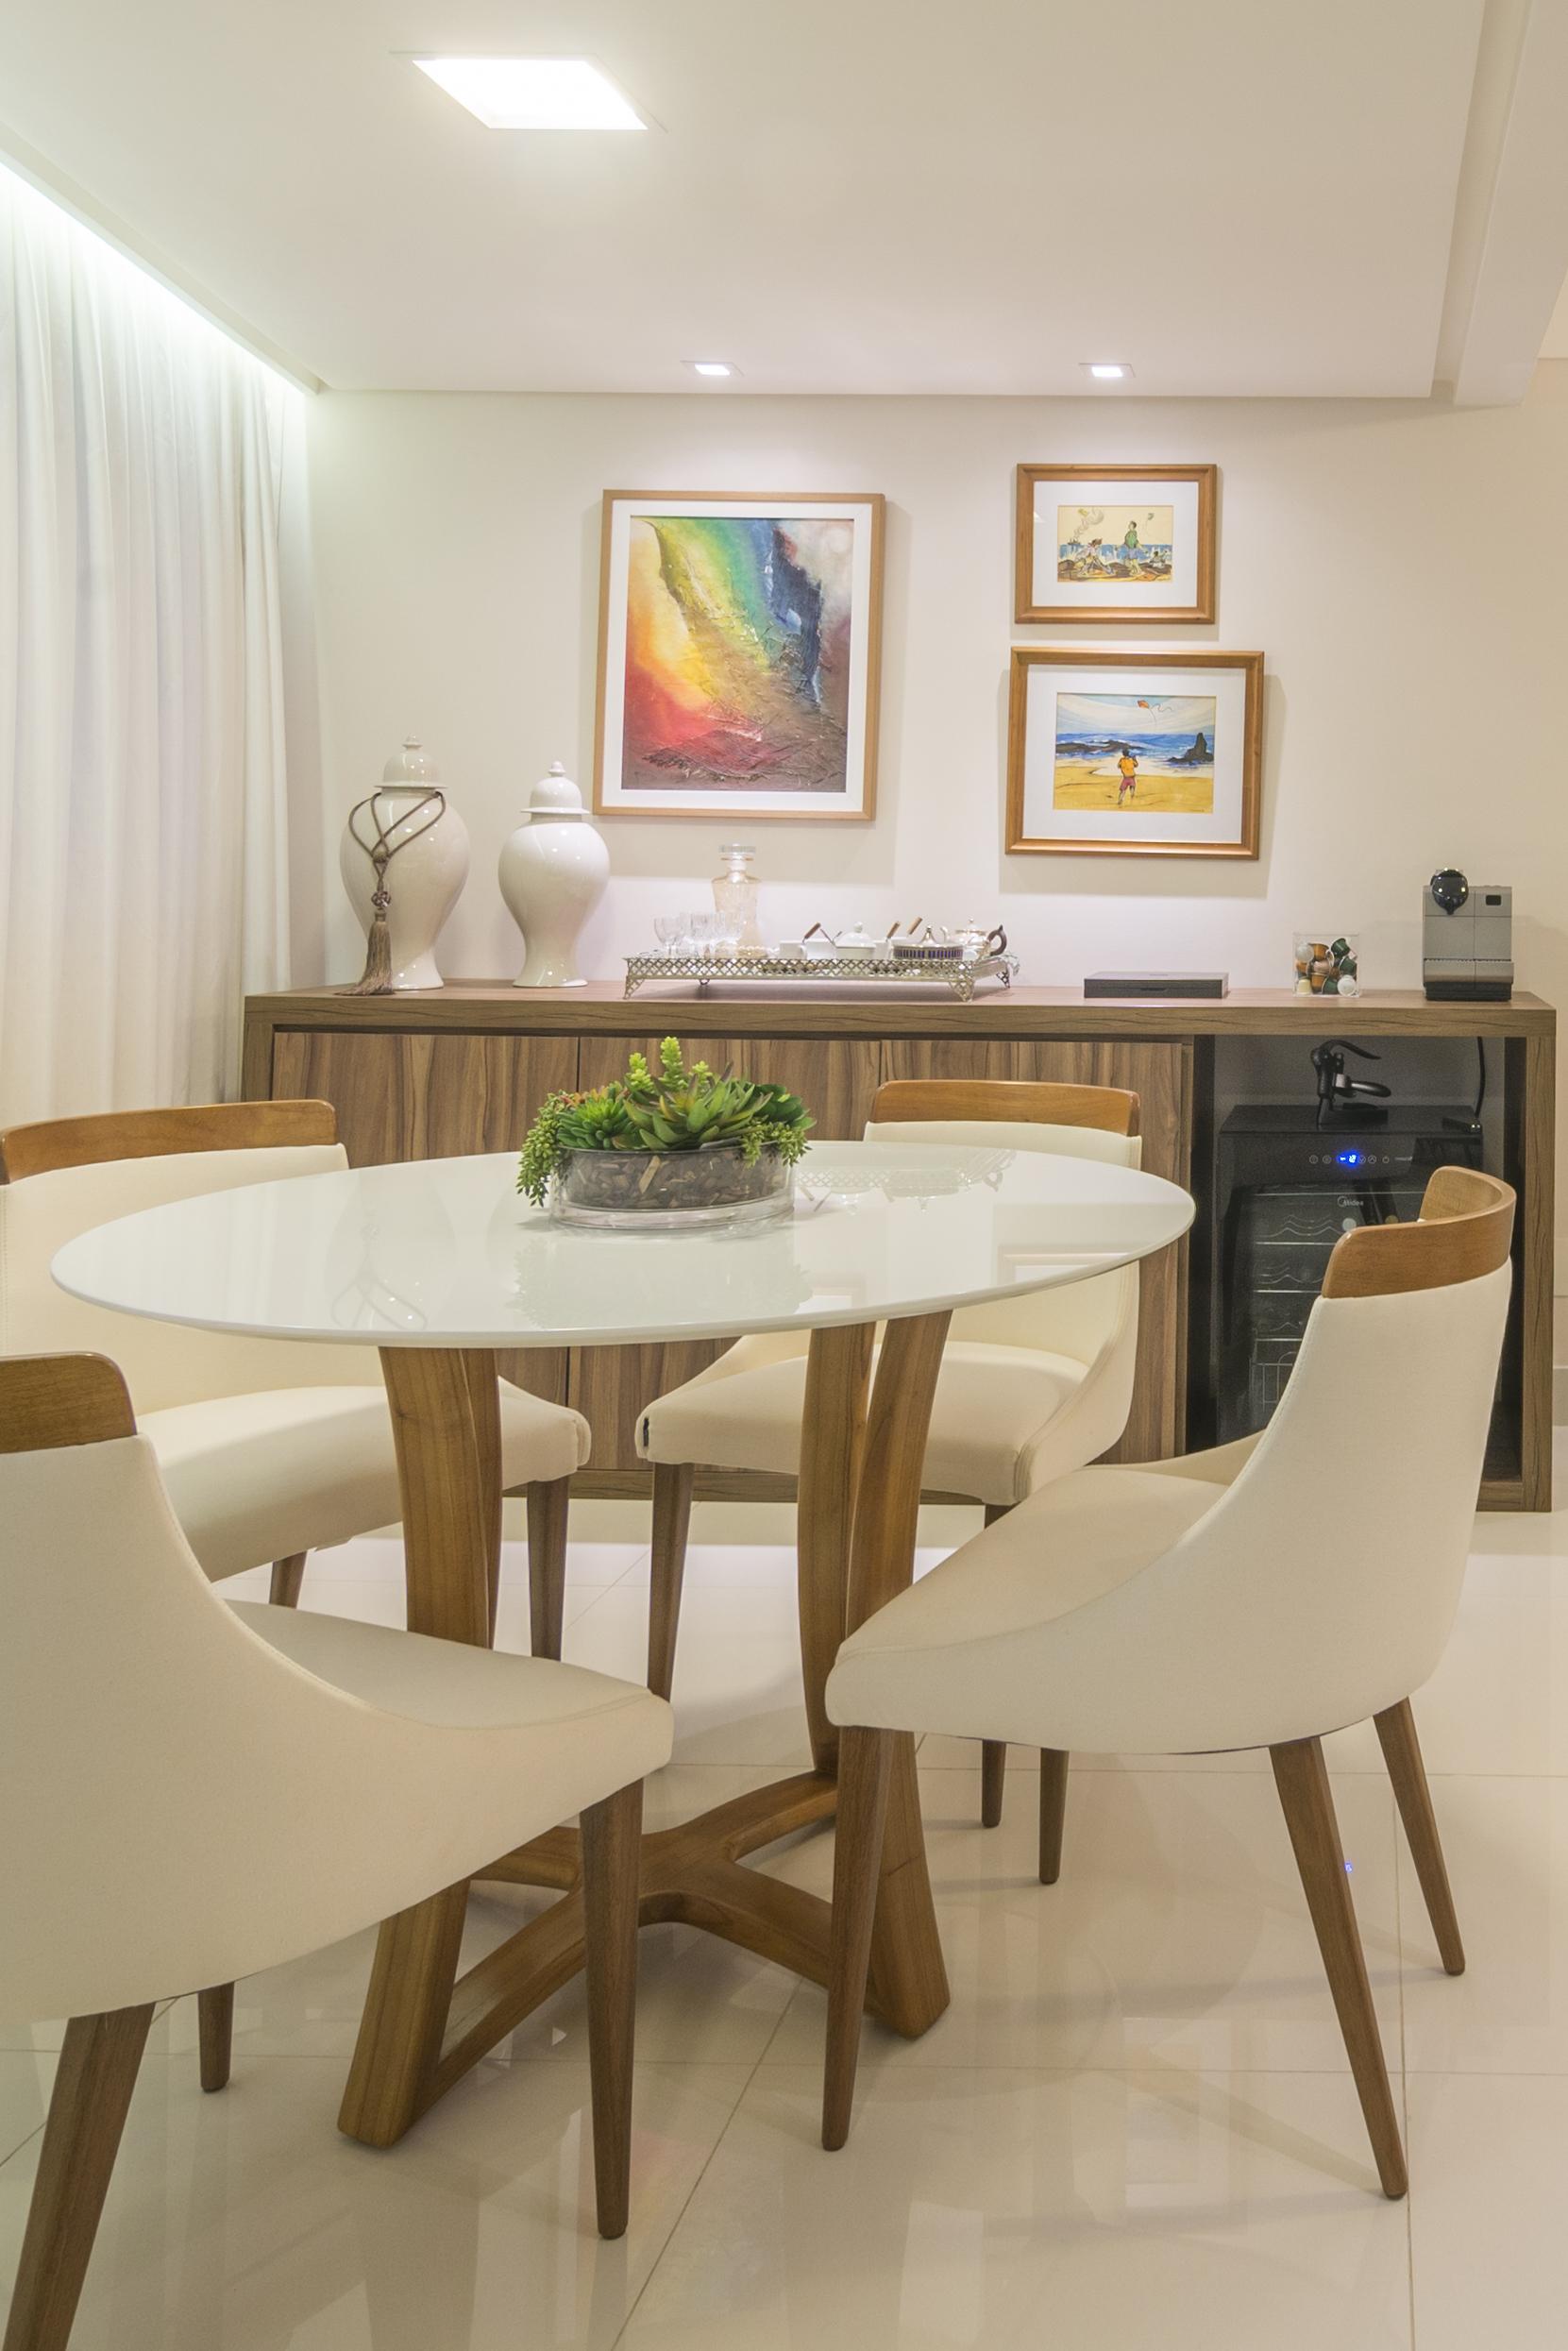 projeto-arquitetonico-luciananilton-duo-arquitetura-apartamentos-natal-018.jpg